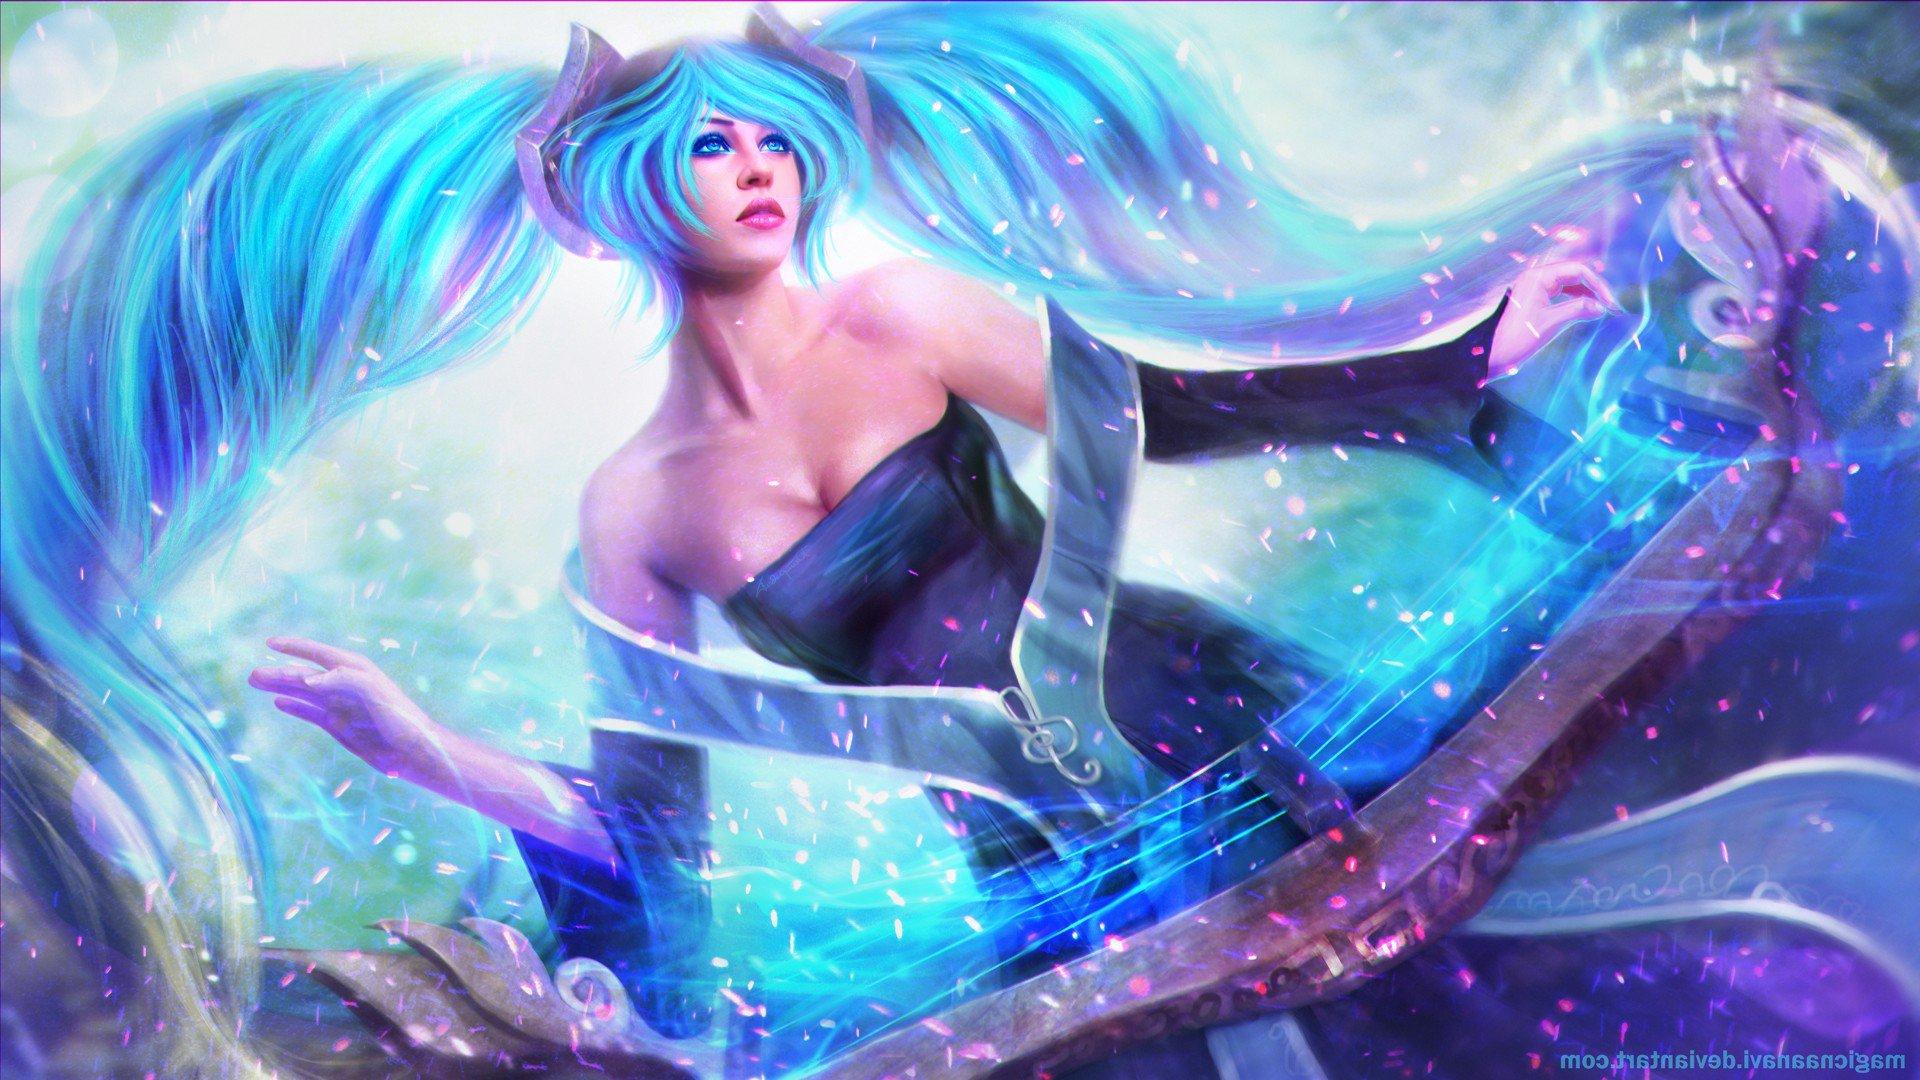 Sona League Of Legends, HD Fantasy Girls, 4k Wallpapers ...